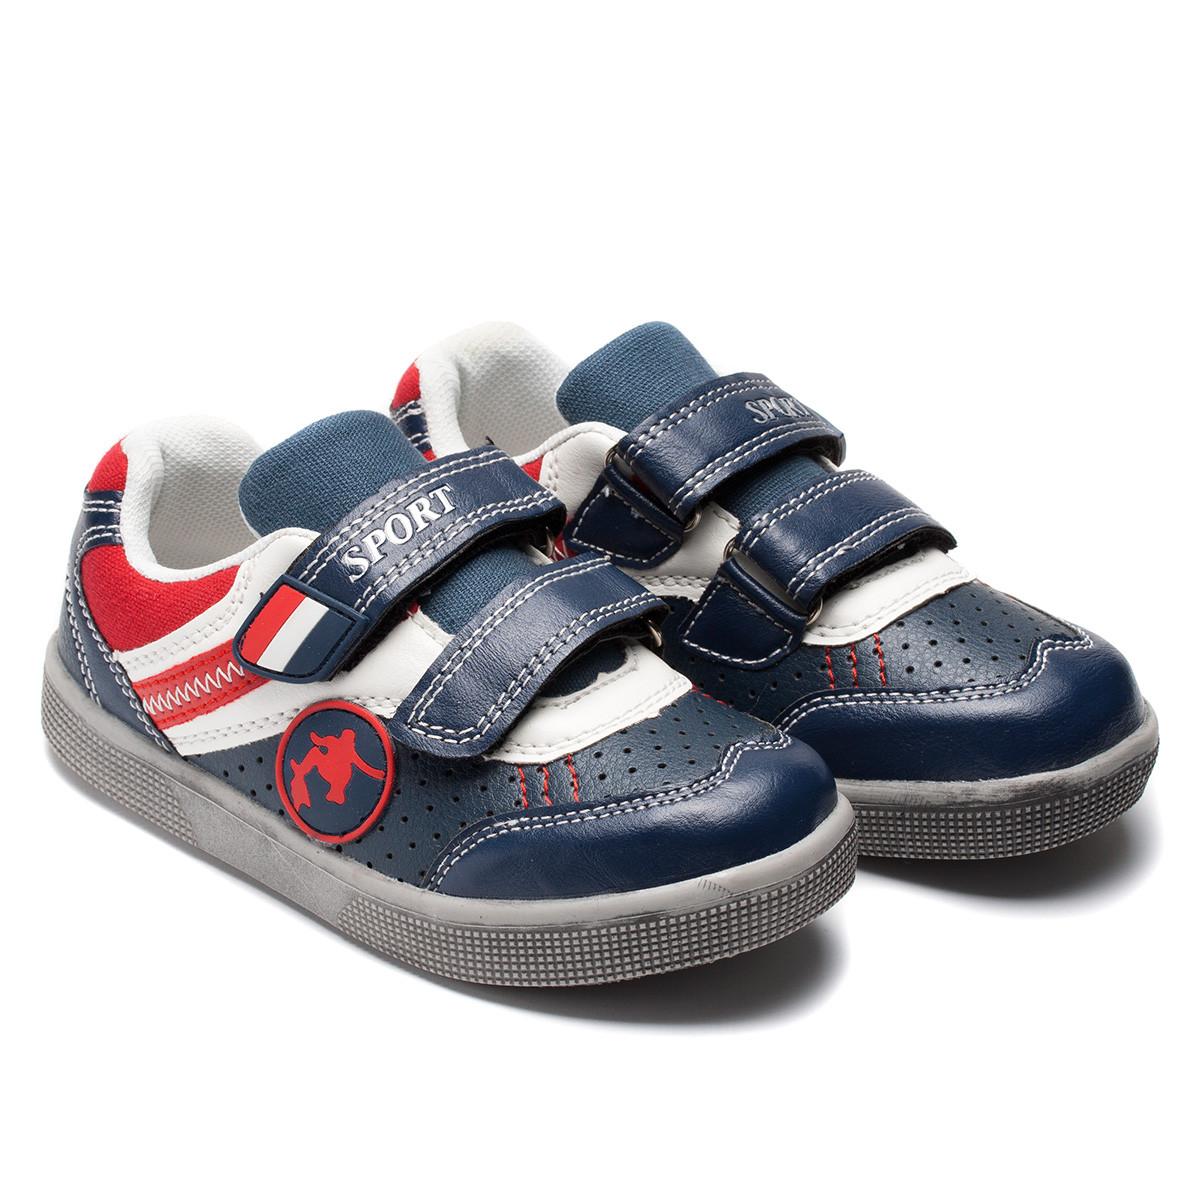 Кроссовки Bi&Ki для мальчика, текстильные, размер 27-32